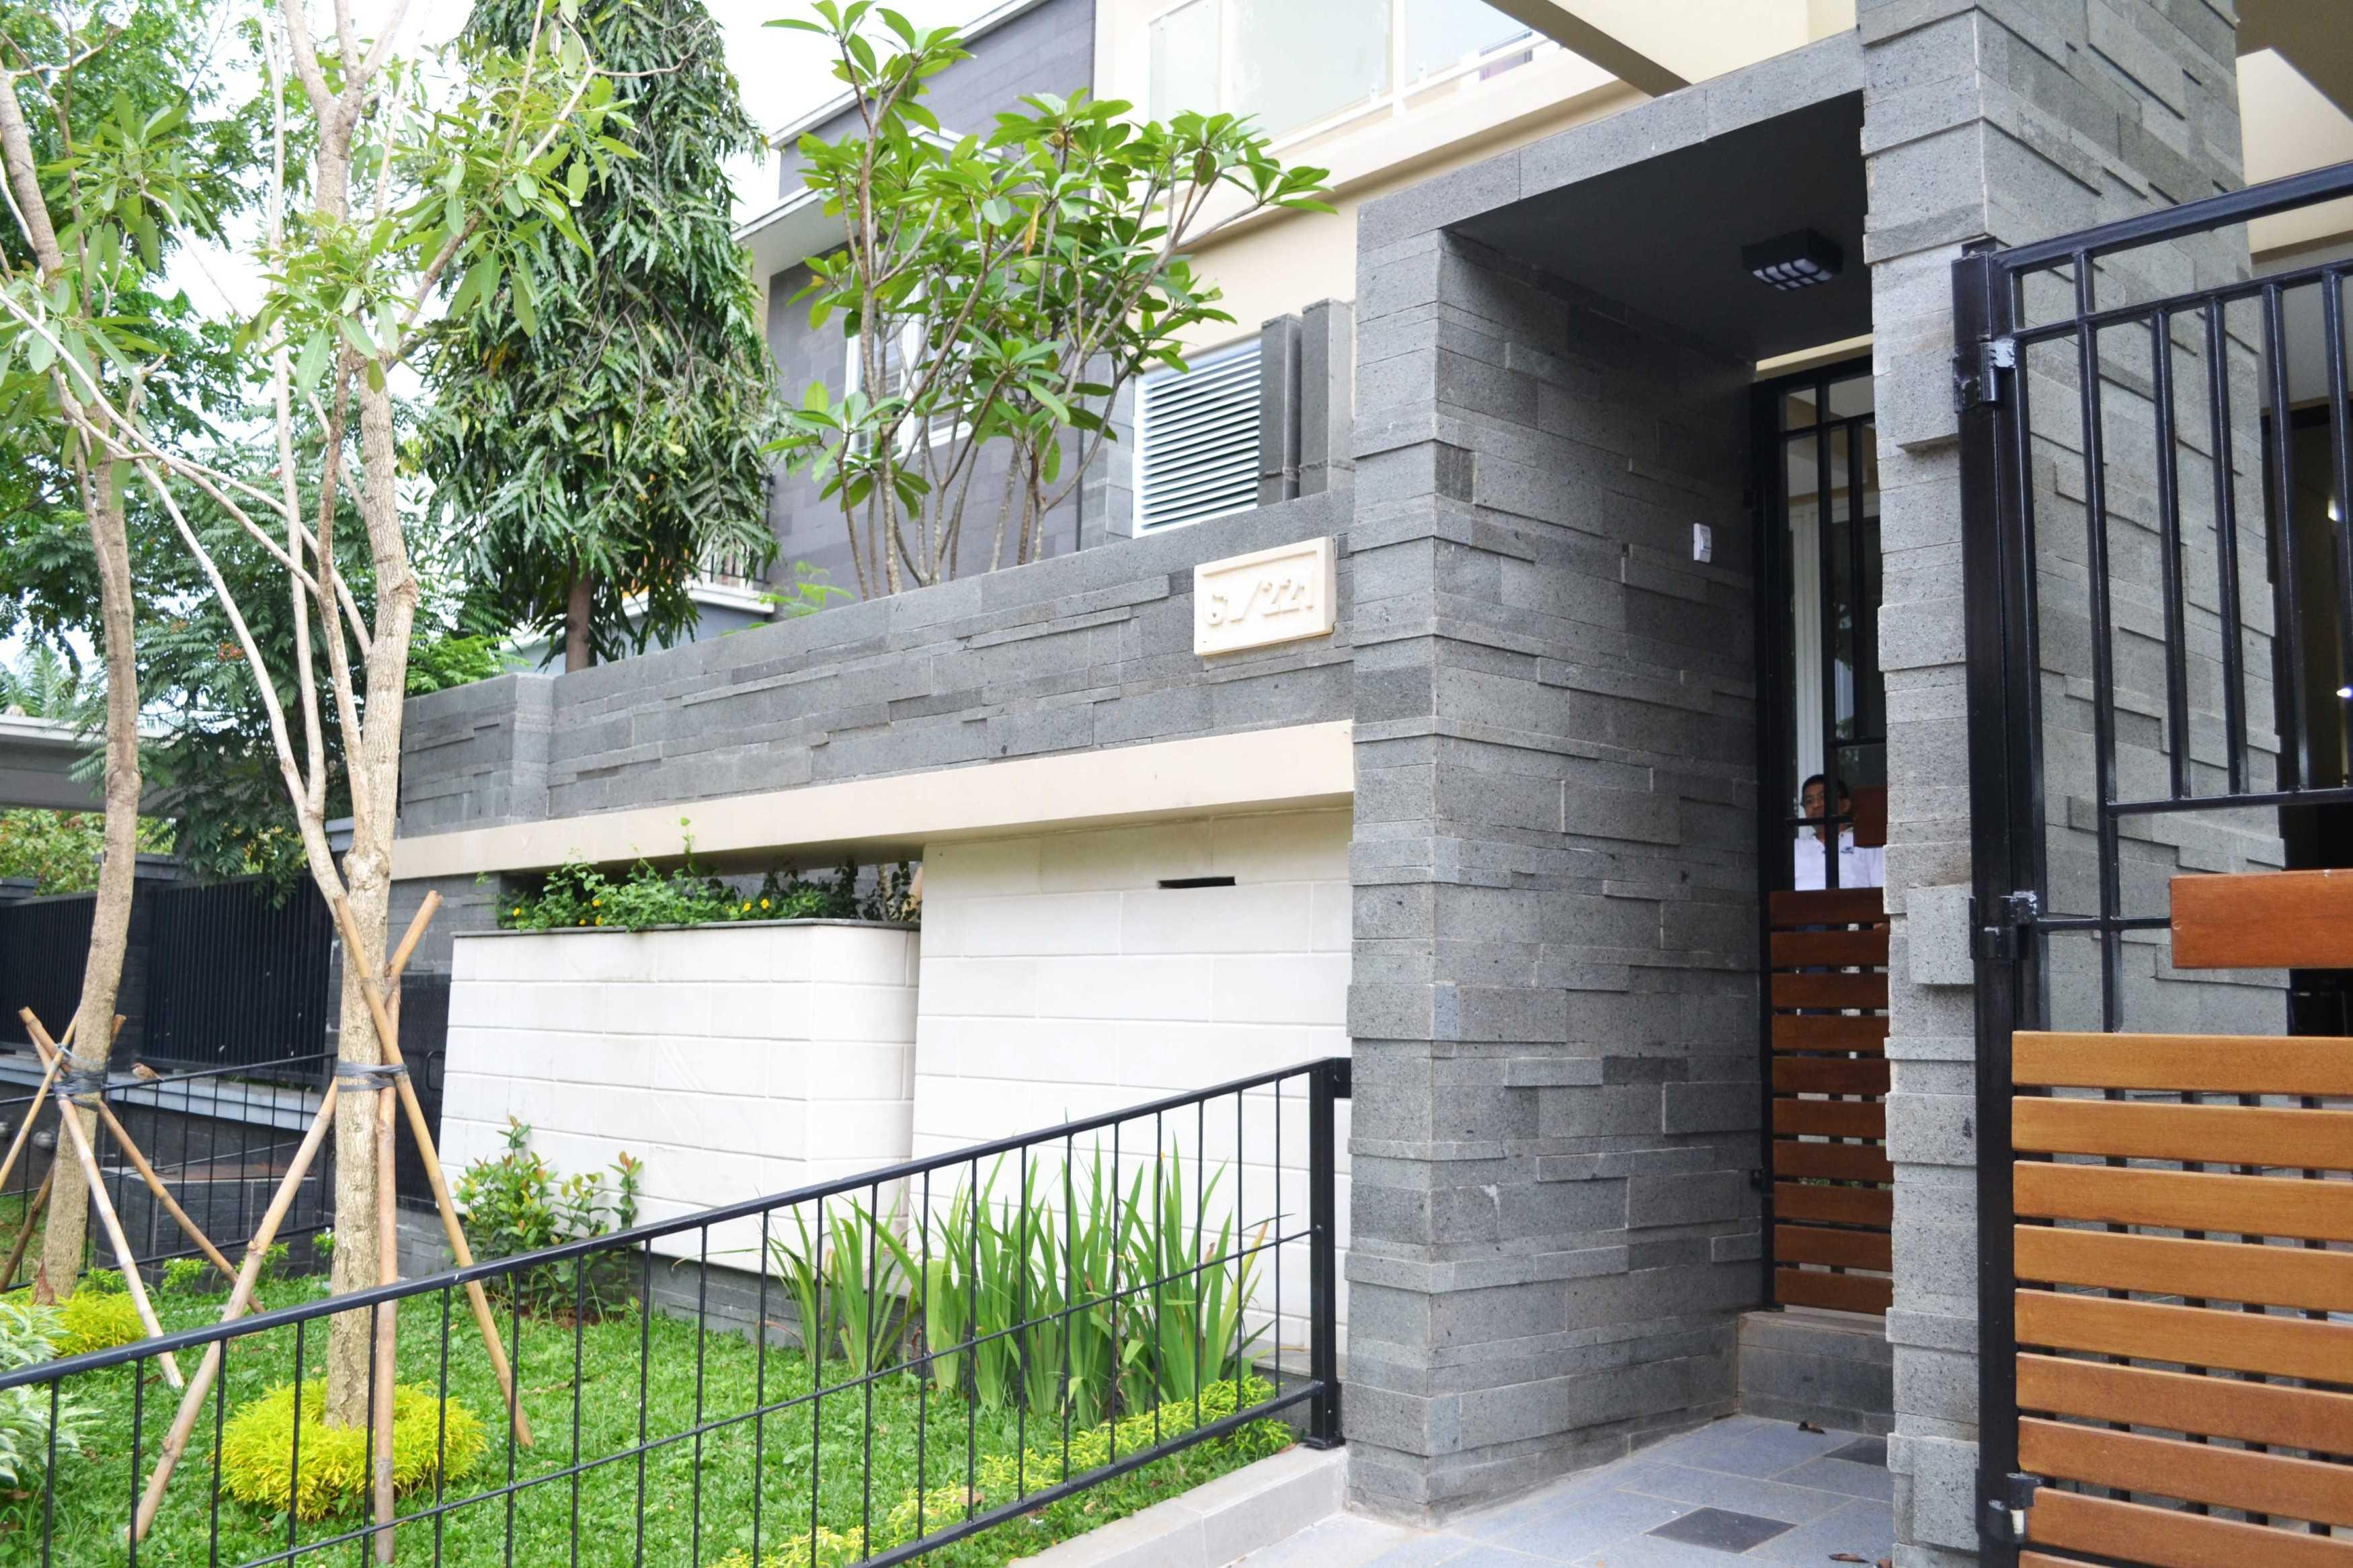 Dtarchitekt Modernland Resident Kota Modern, Modernland City - Tangerang Kota Modern, Modernland City - Tangerang Detail - Entrance Gate   29829